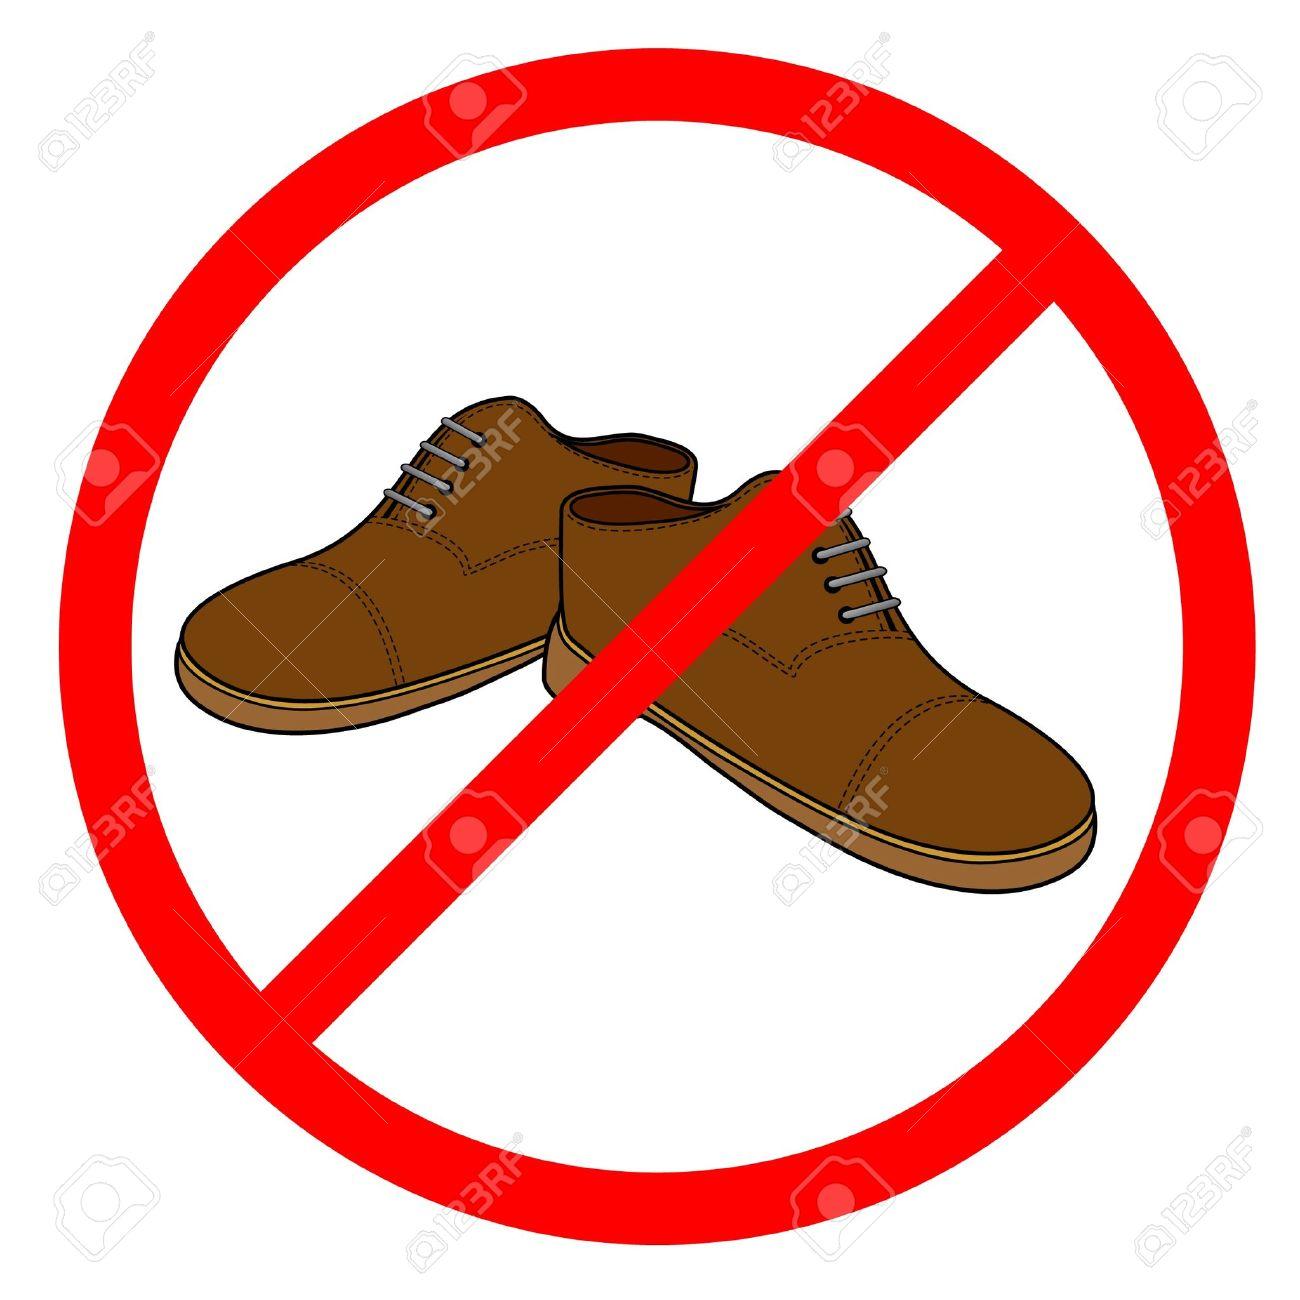 Johan Tir n g No shoes allowed Rooseum